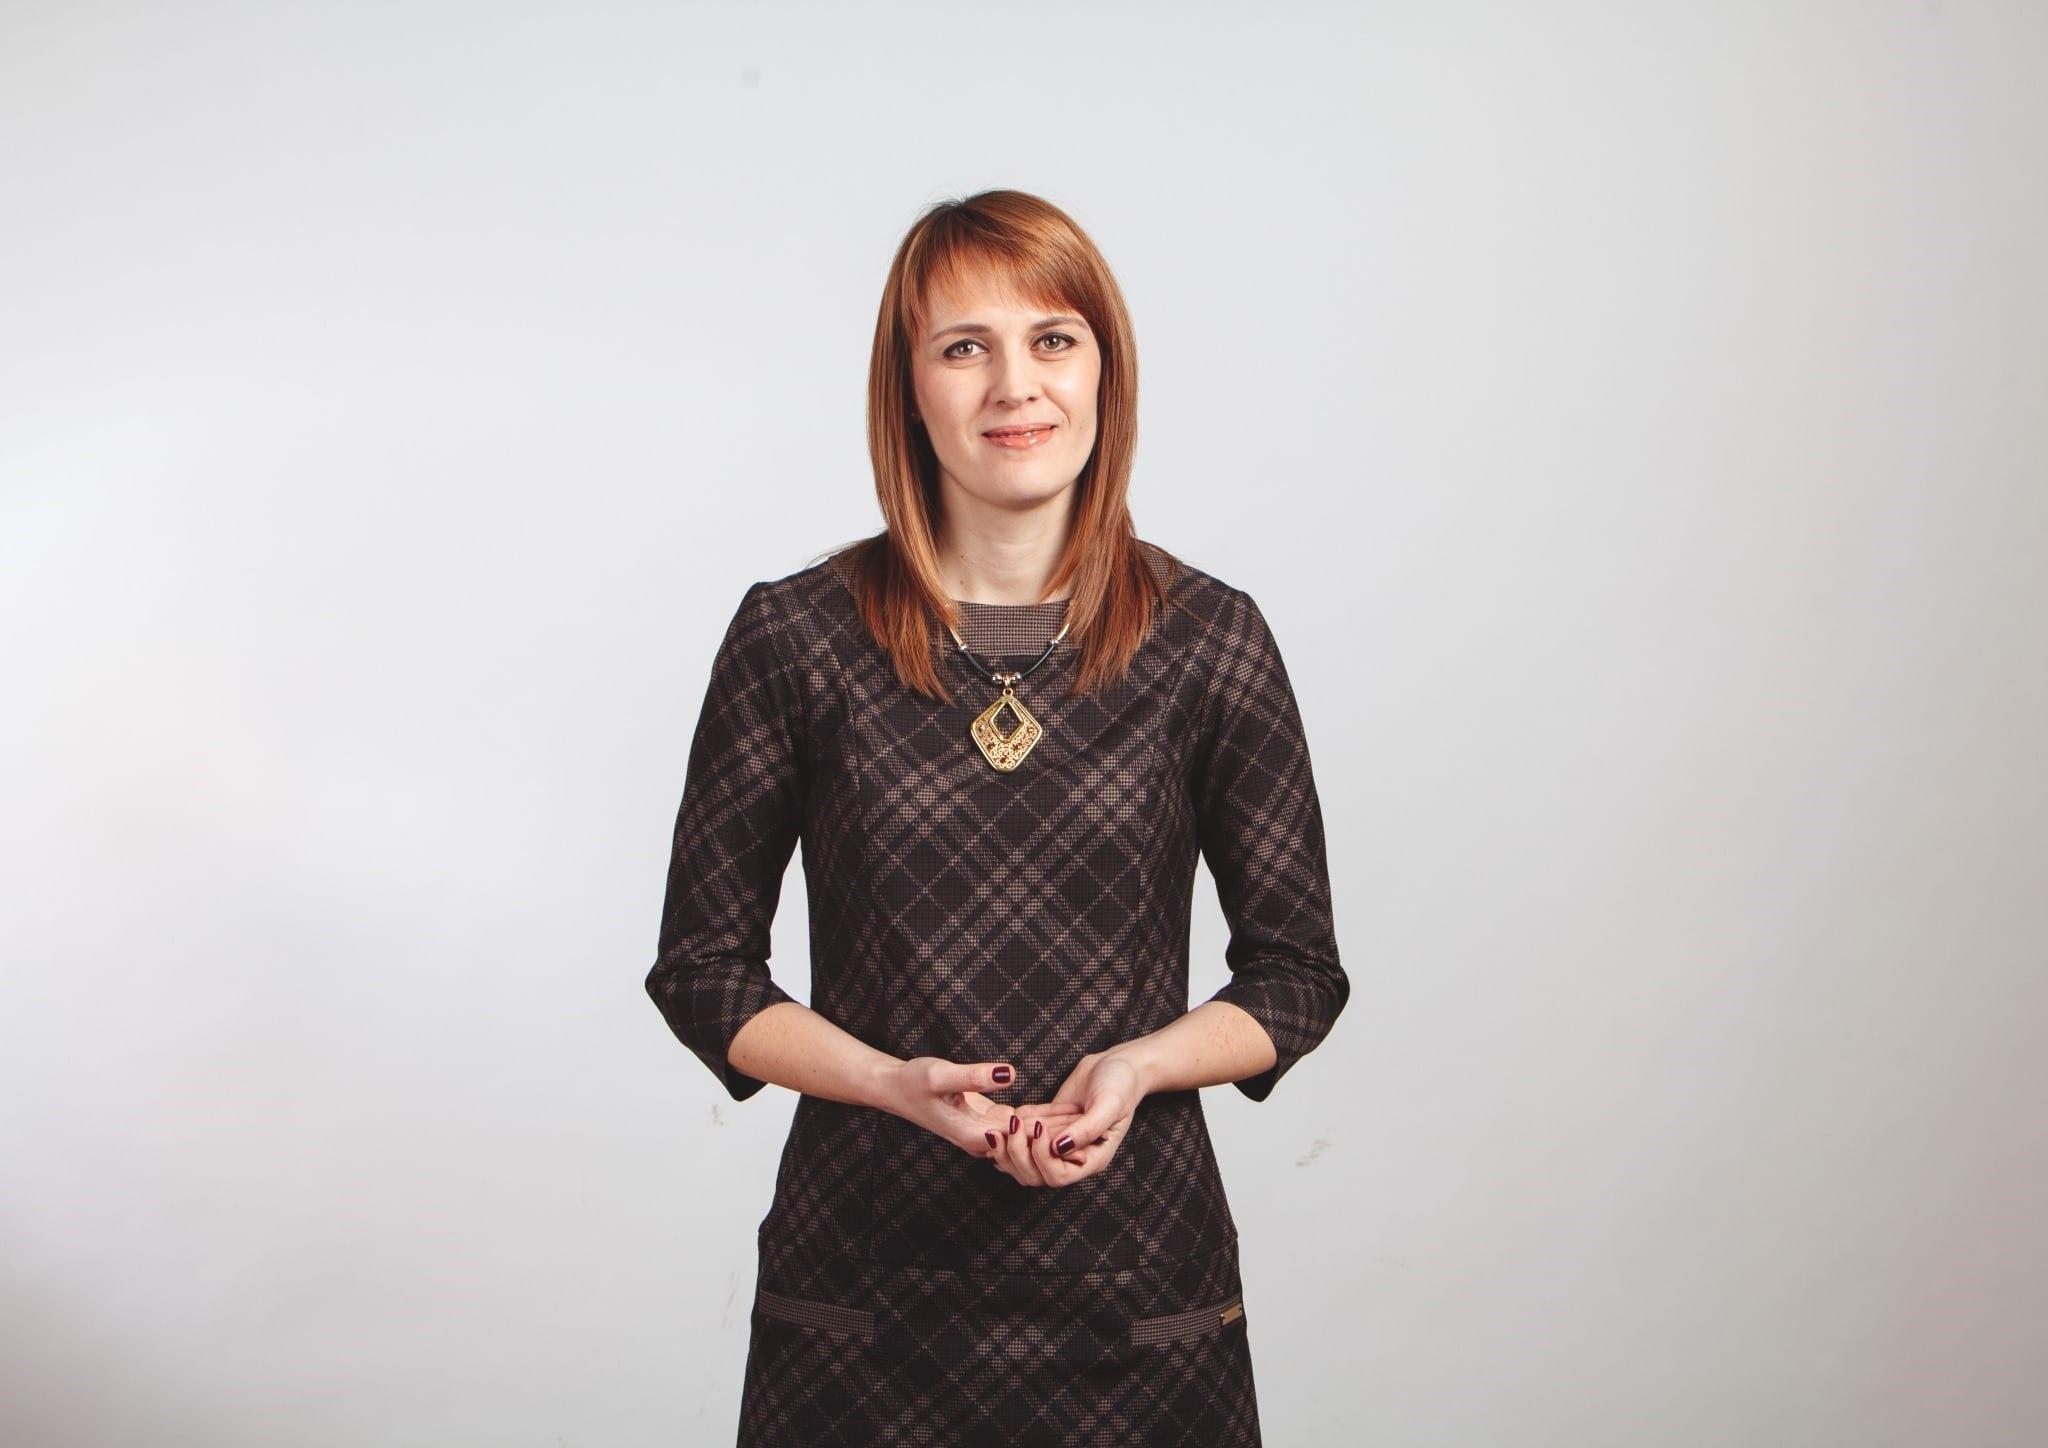 Irina Safronov